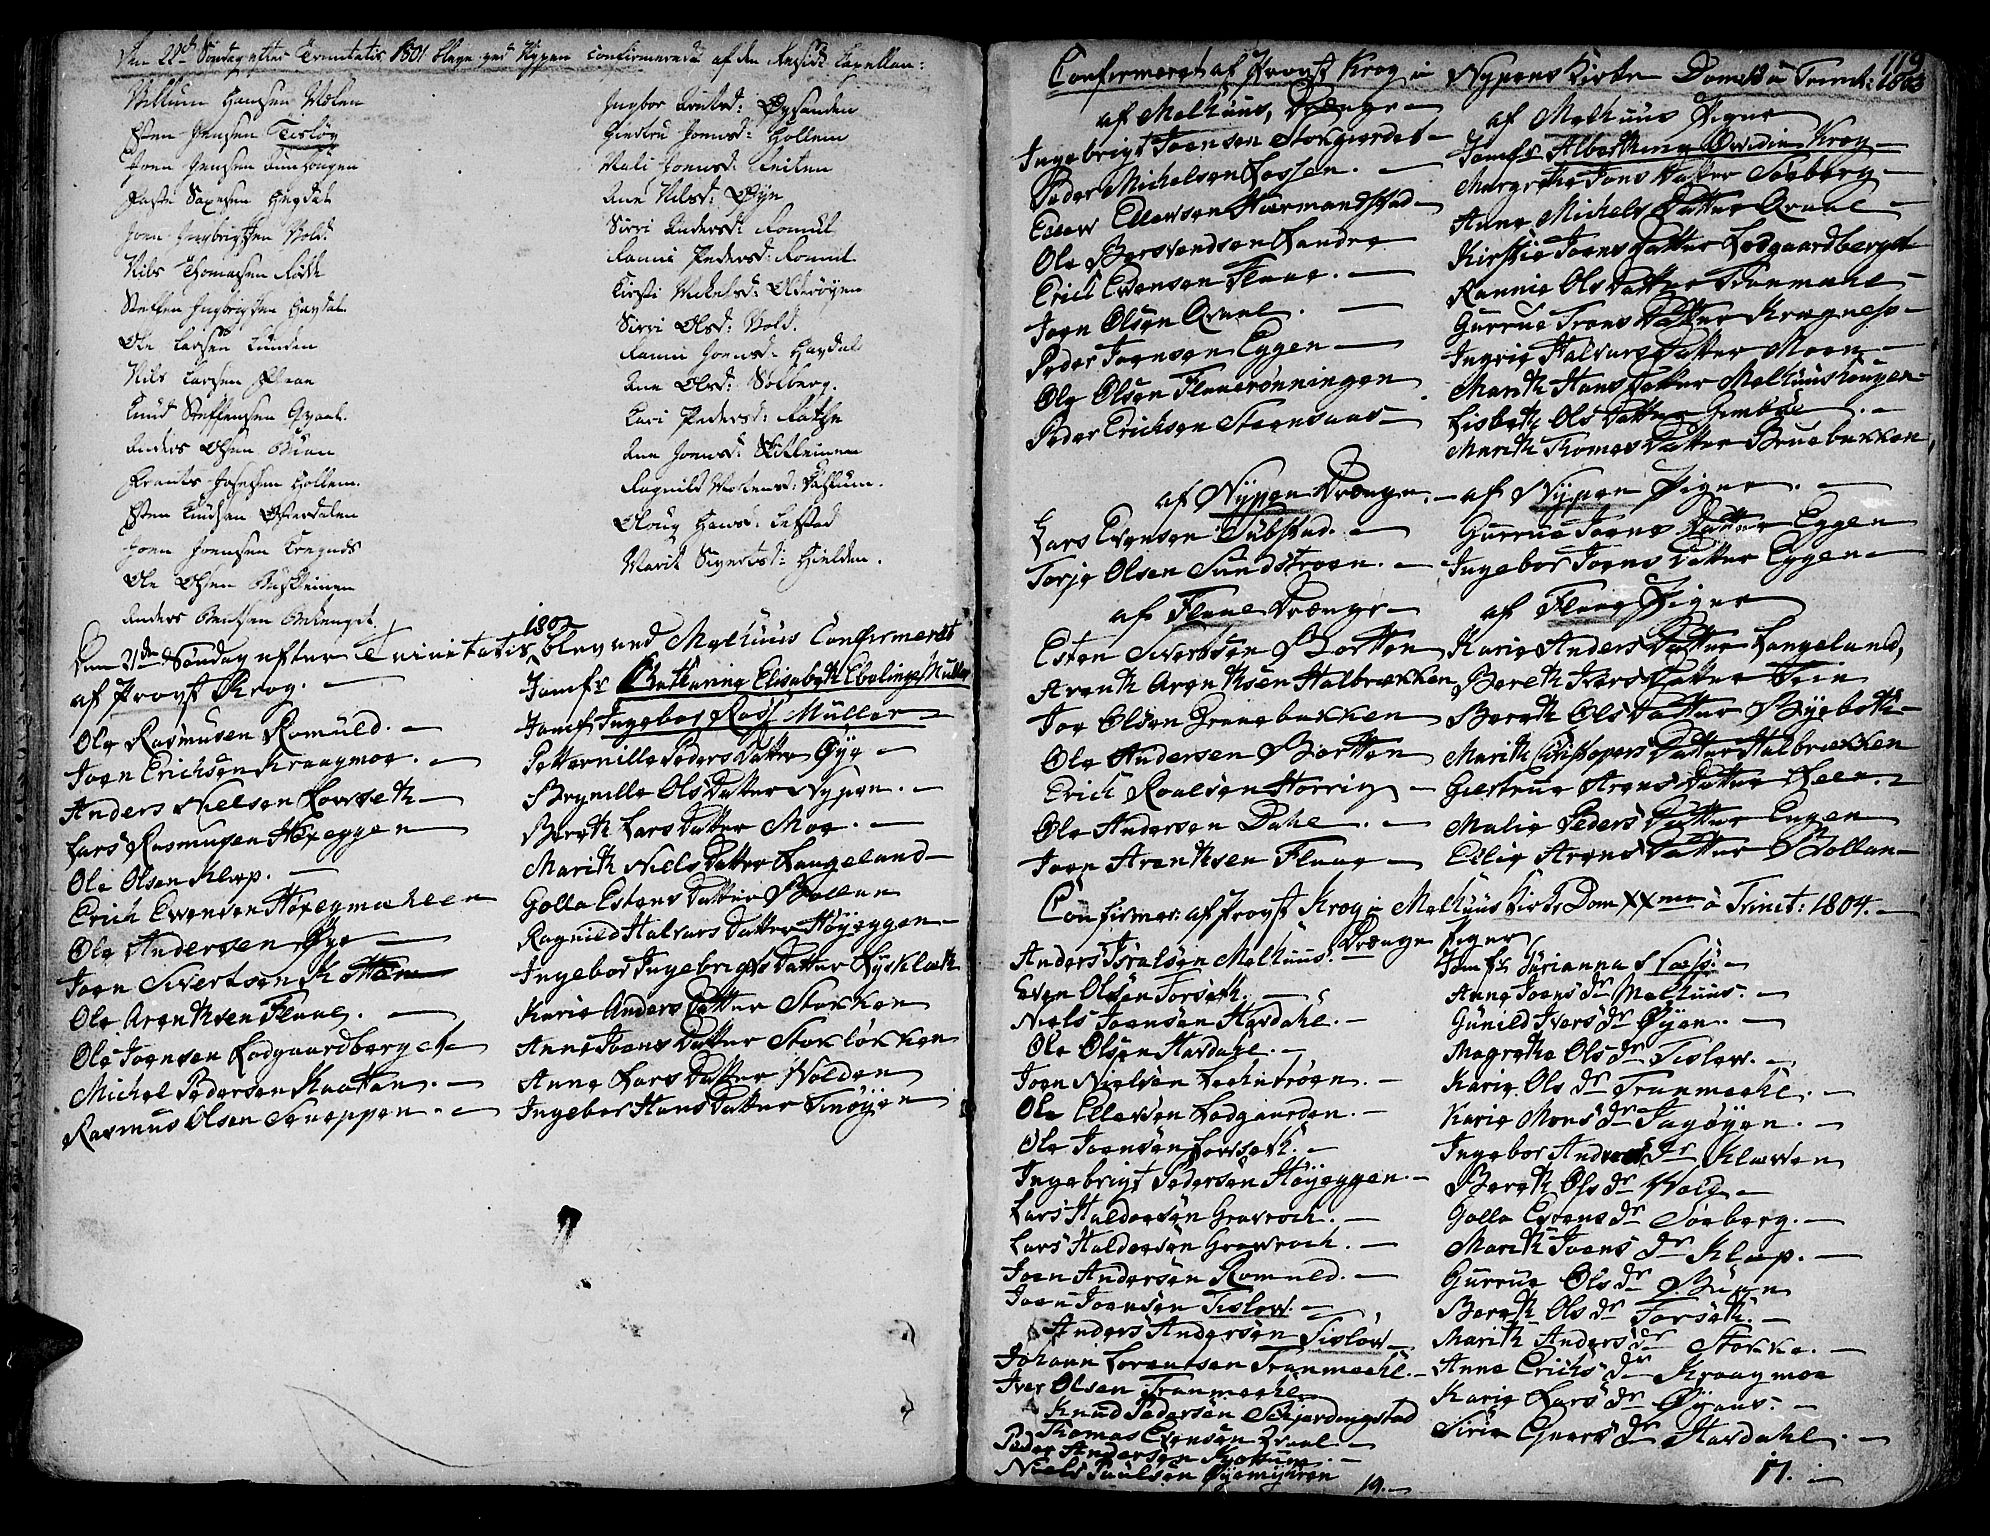 SAT, Ministerialprotokoller, klokkerbøker og fødselsregistre - Sør-Trøndelag, 691/L1063: Ministerialbok nr. 691A02 /3, 1768-1815, s. 119